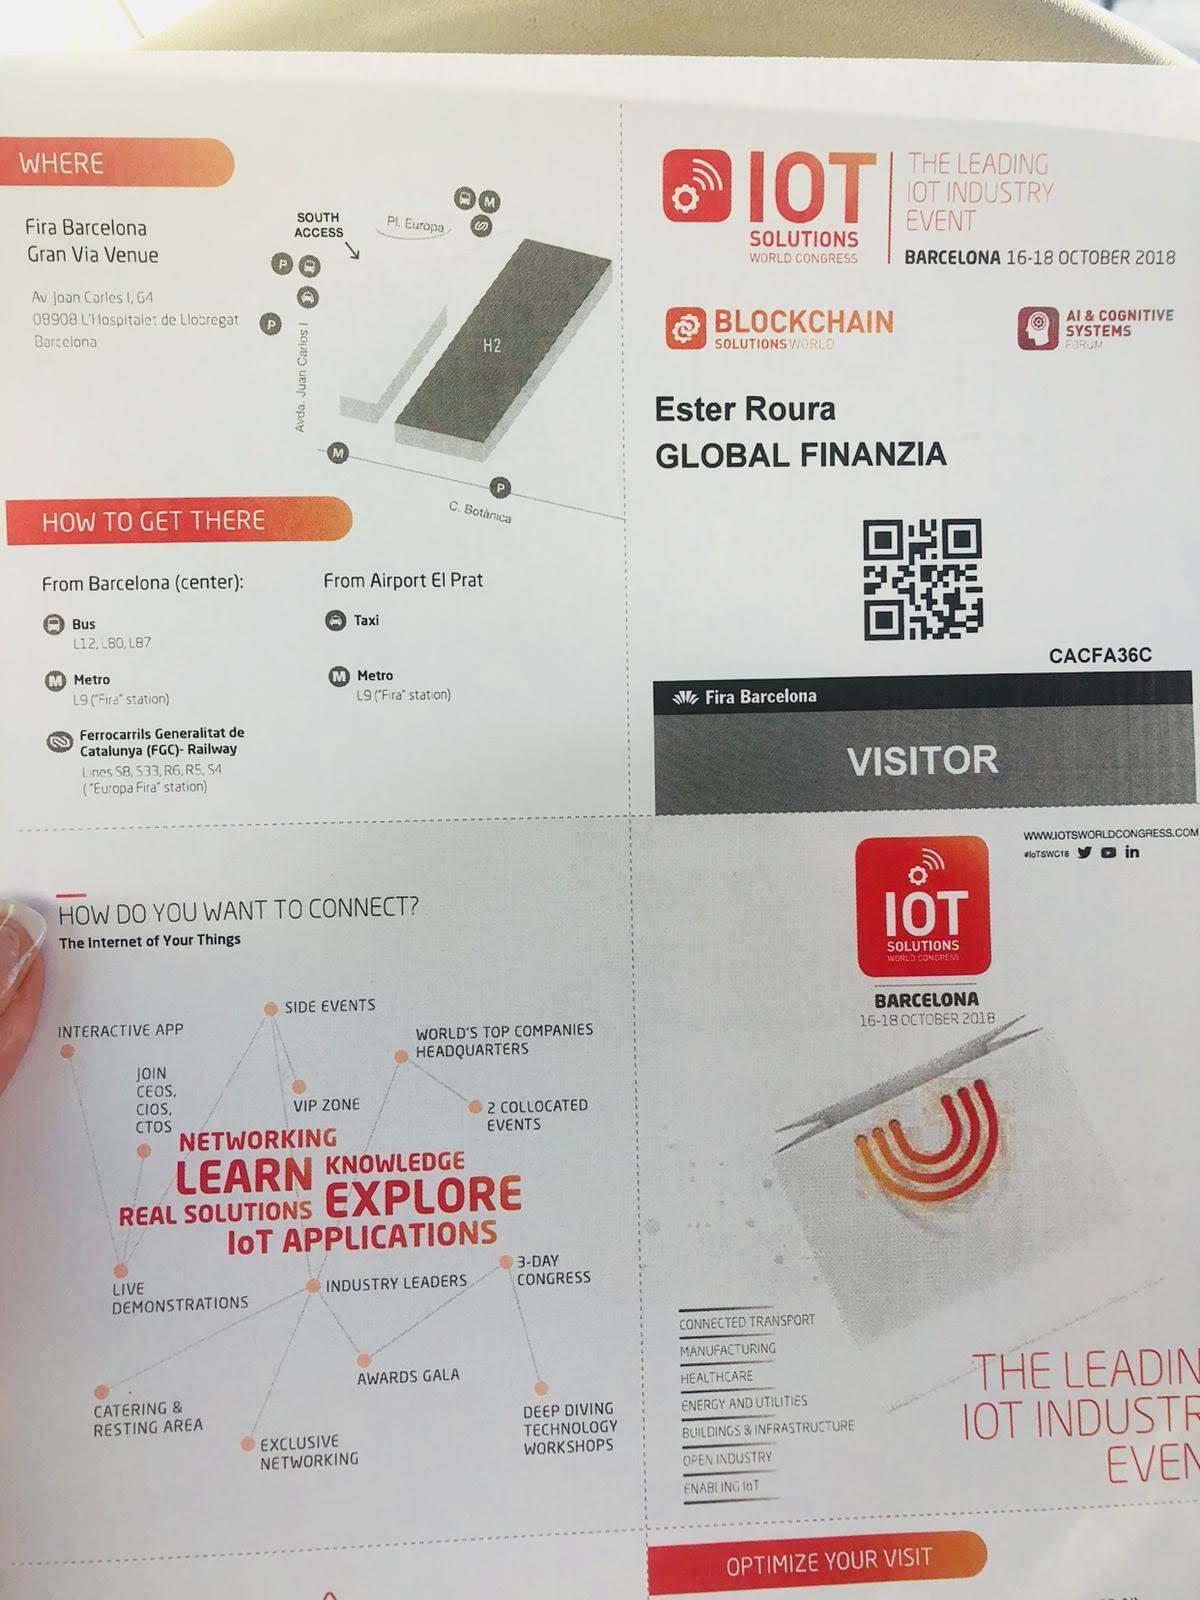 IMG-20181016-WA0000